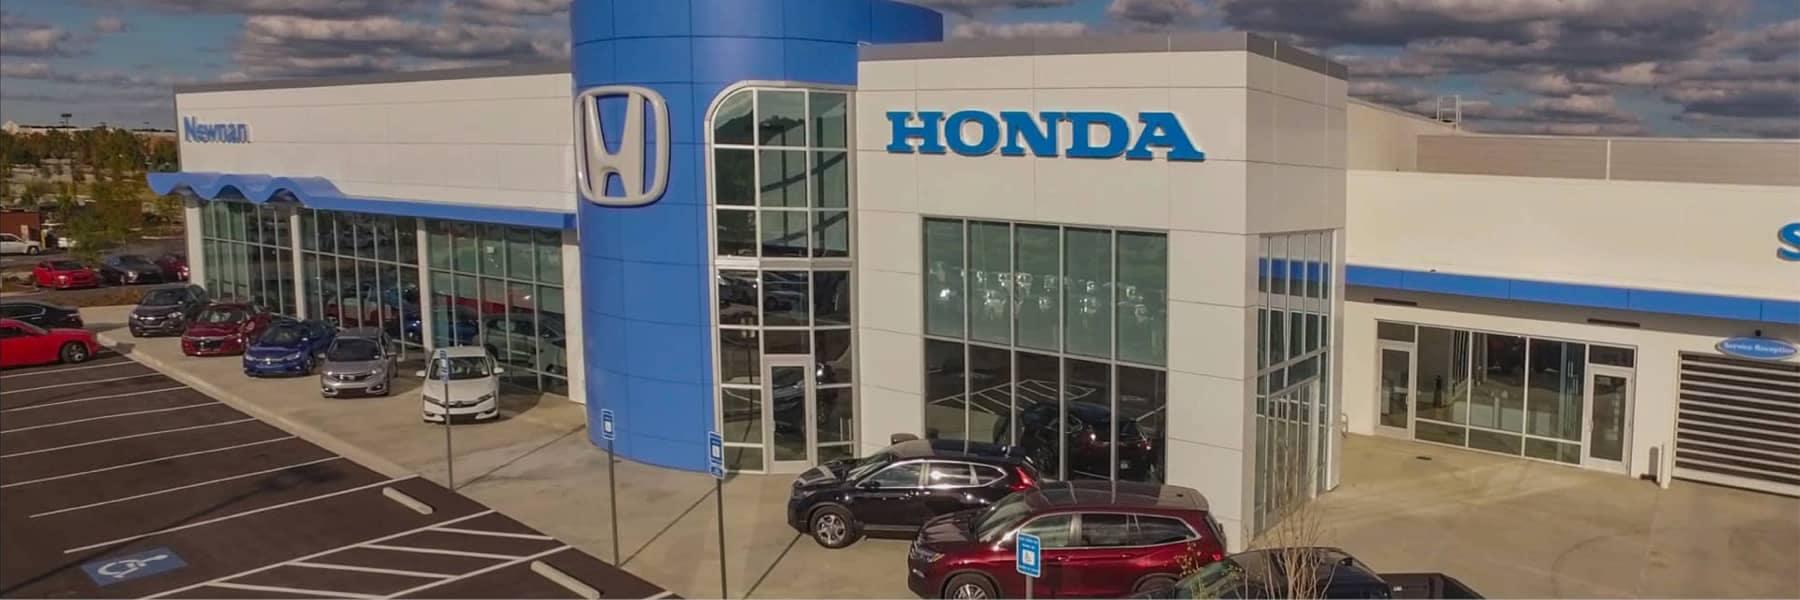 Honda of Newnan Hero Image - exterior of dealership